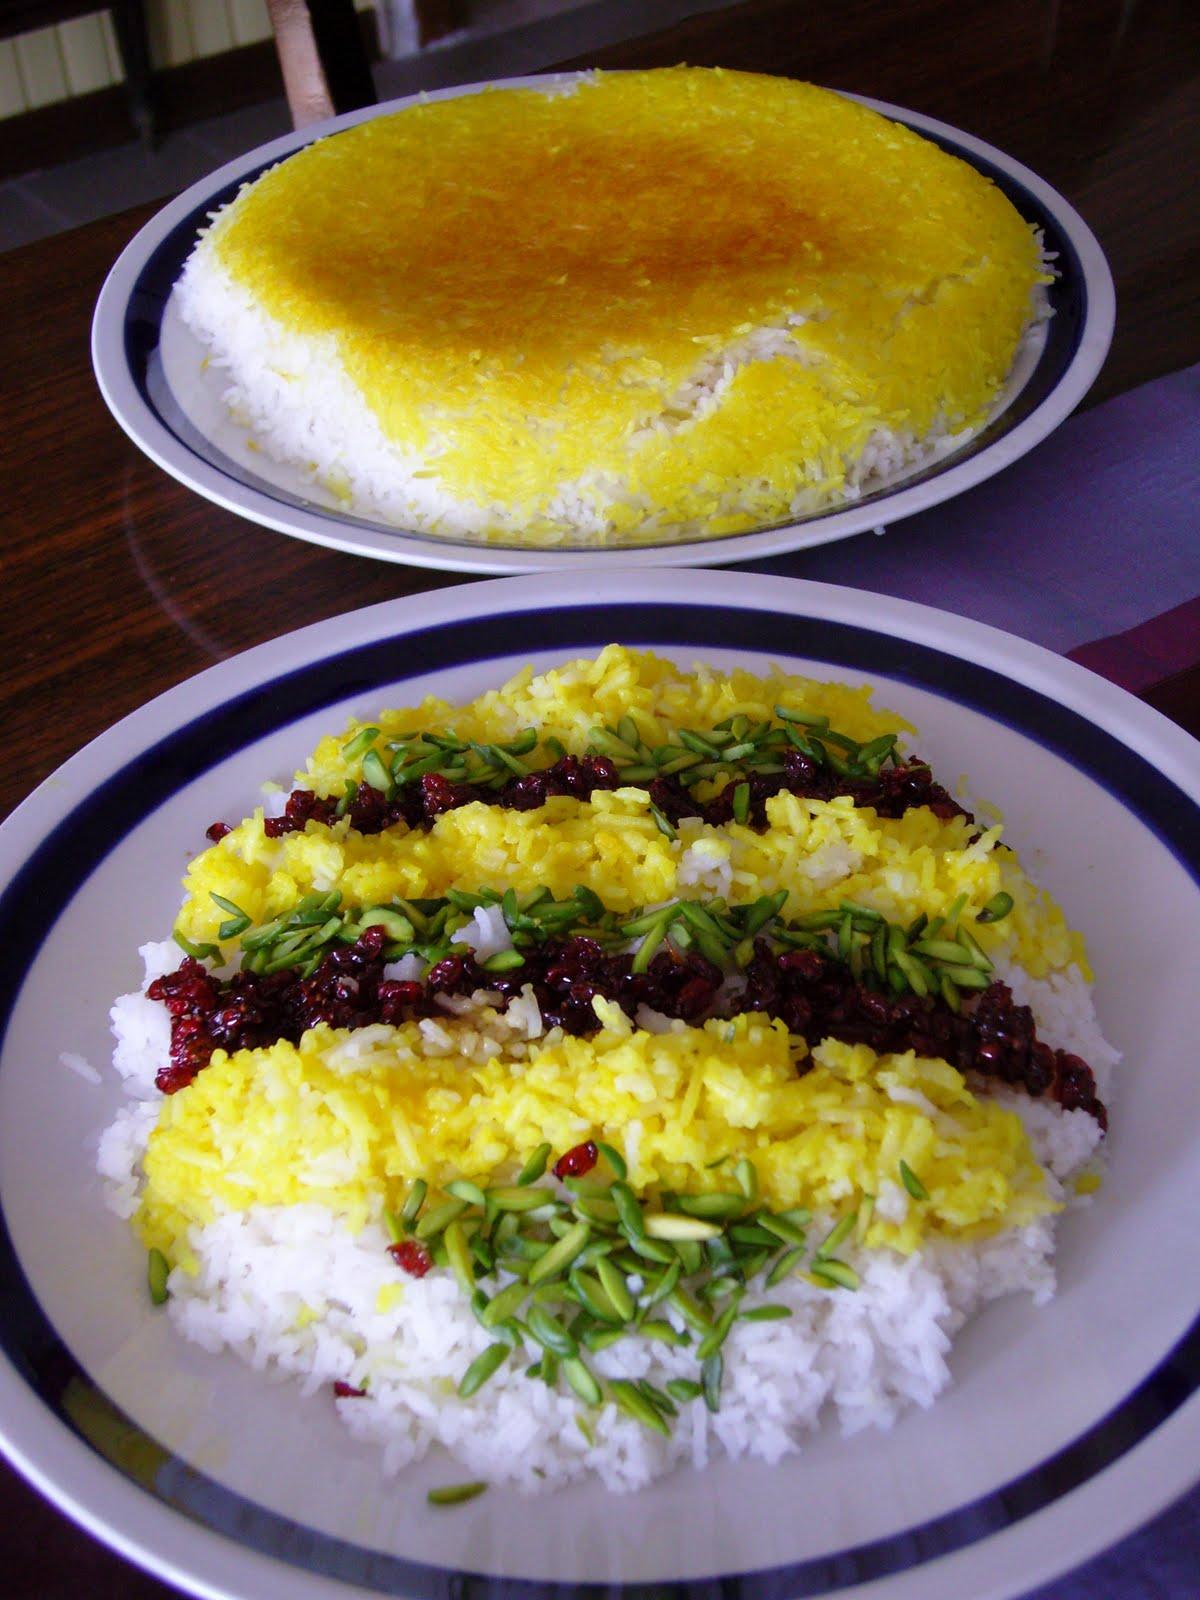 La mia cucina persiana cucinare alla persiana a san for Cucinare 8n inglese